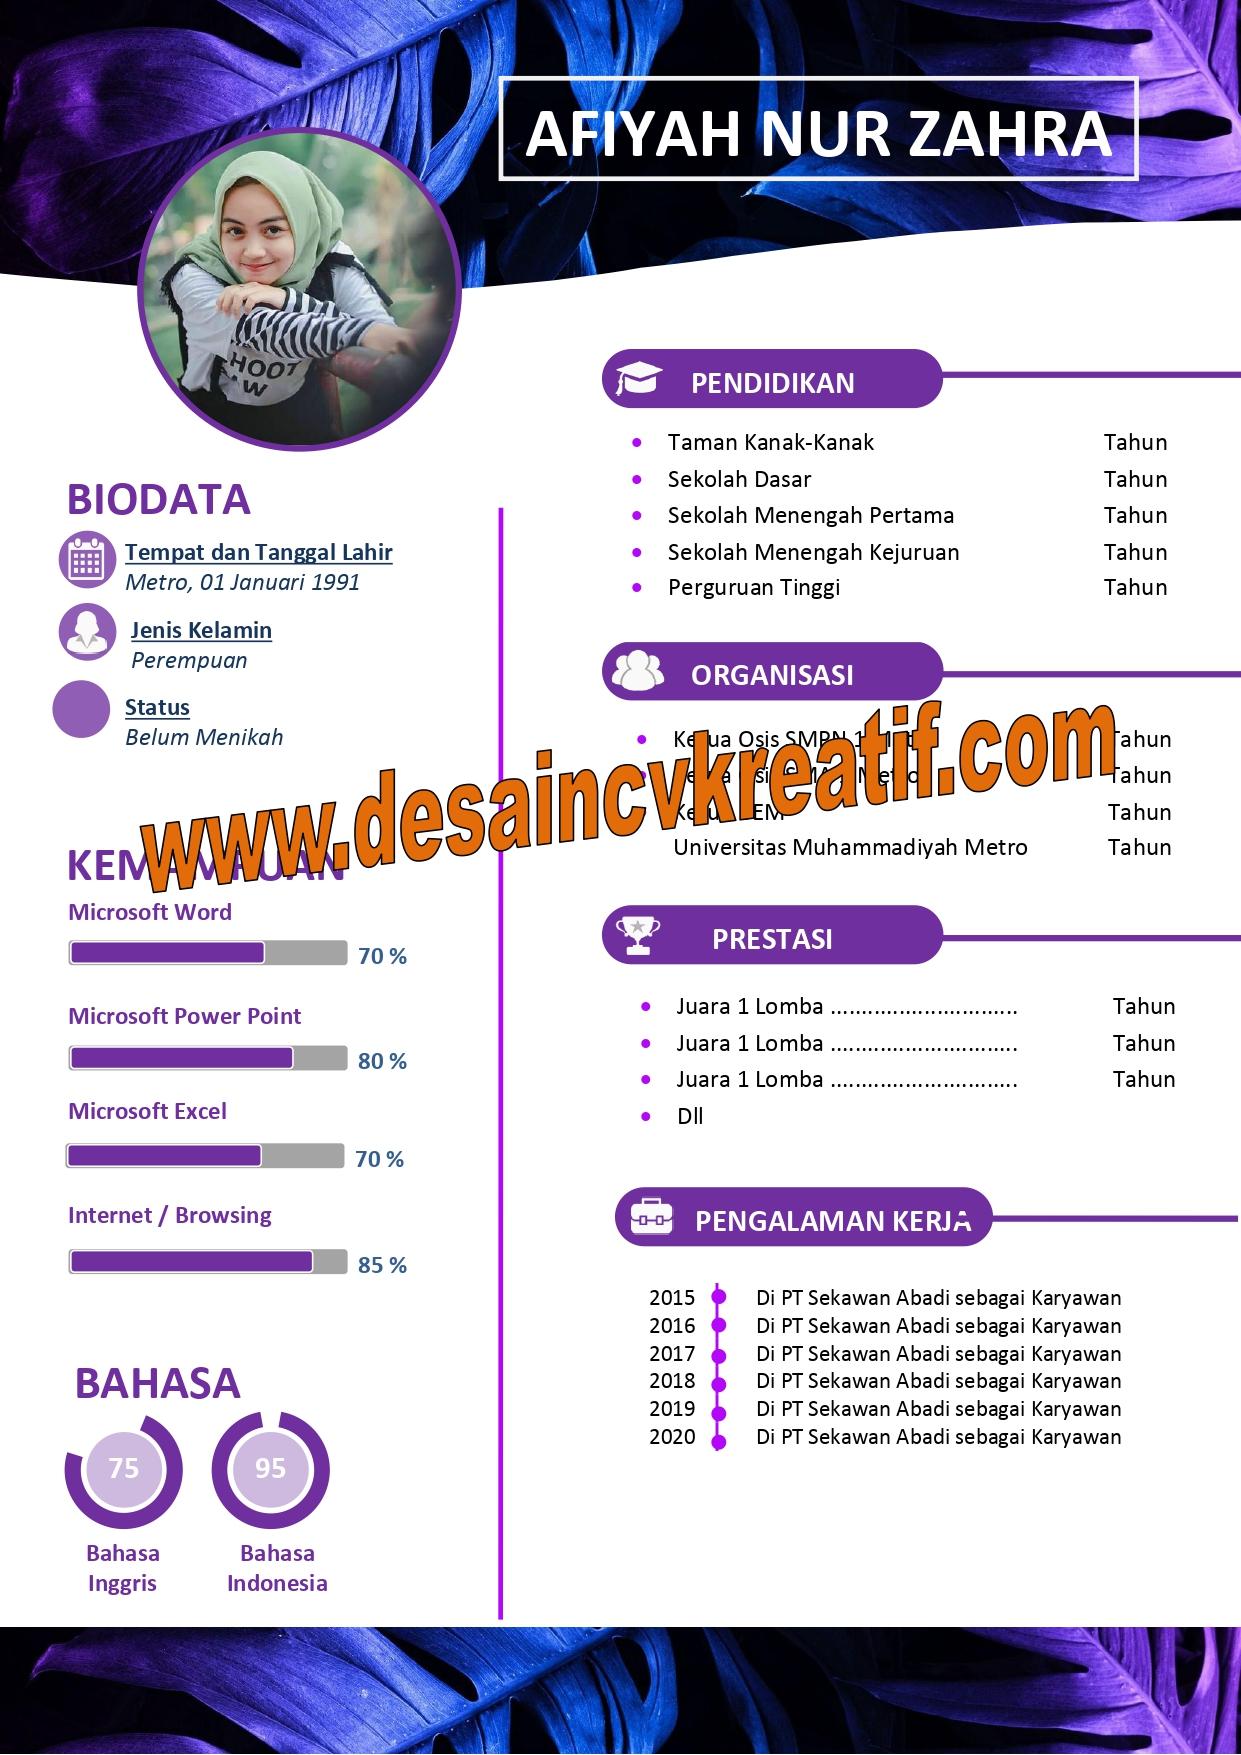 Cara Mudah Buat CV Lamaran Kerja Yang Menarik - Desain CV ...